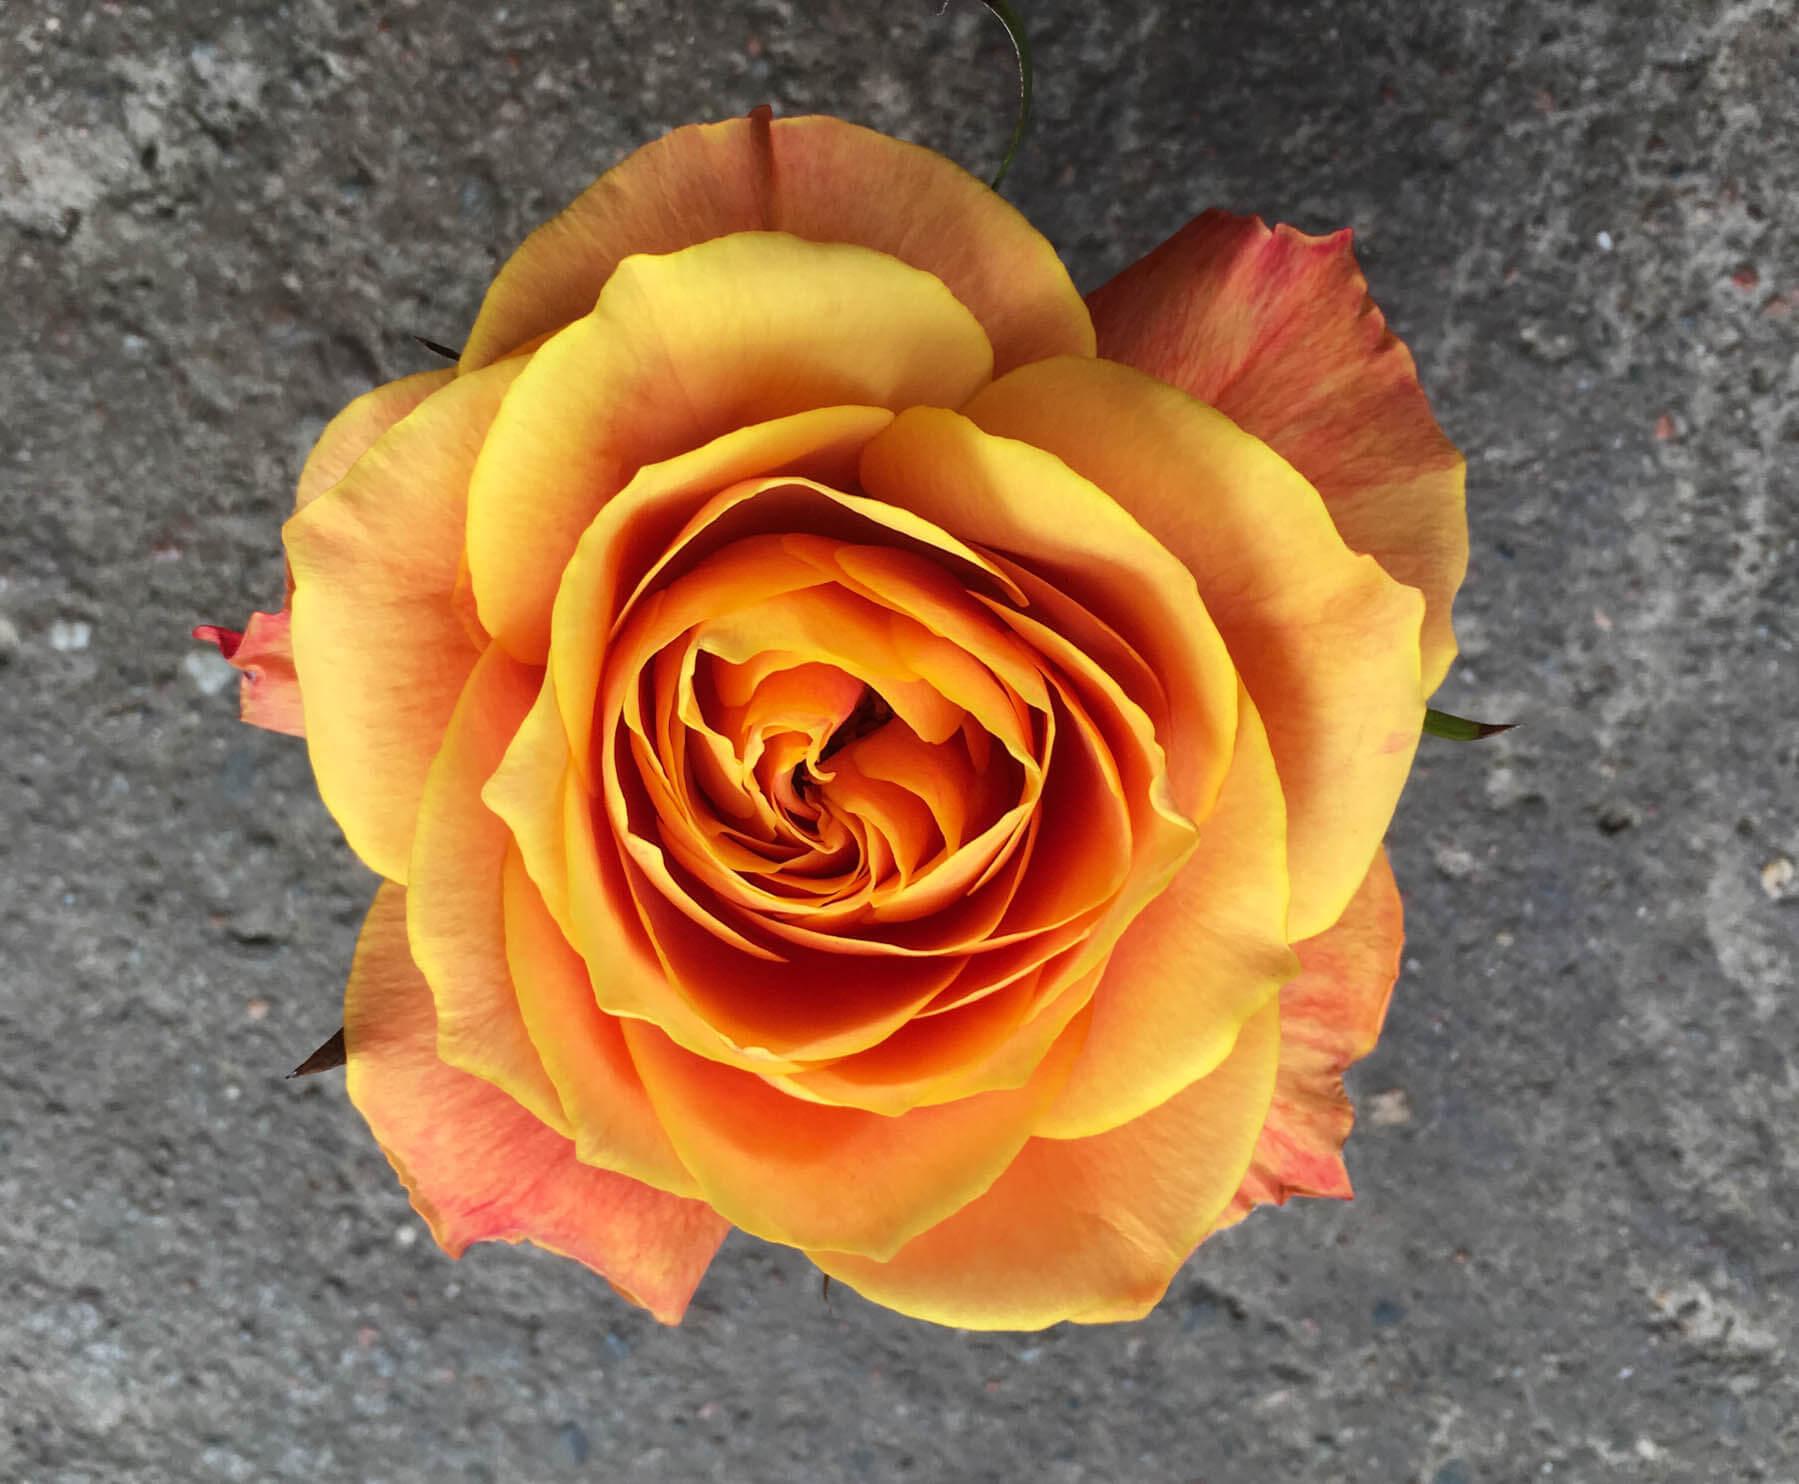 En varmgul ros